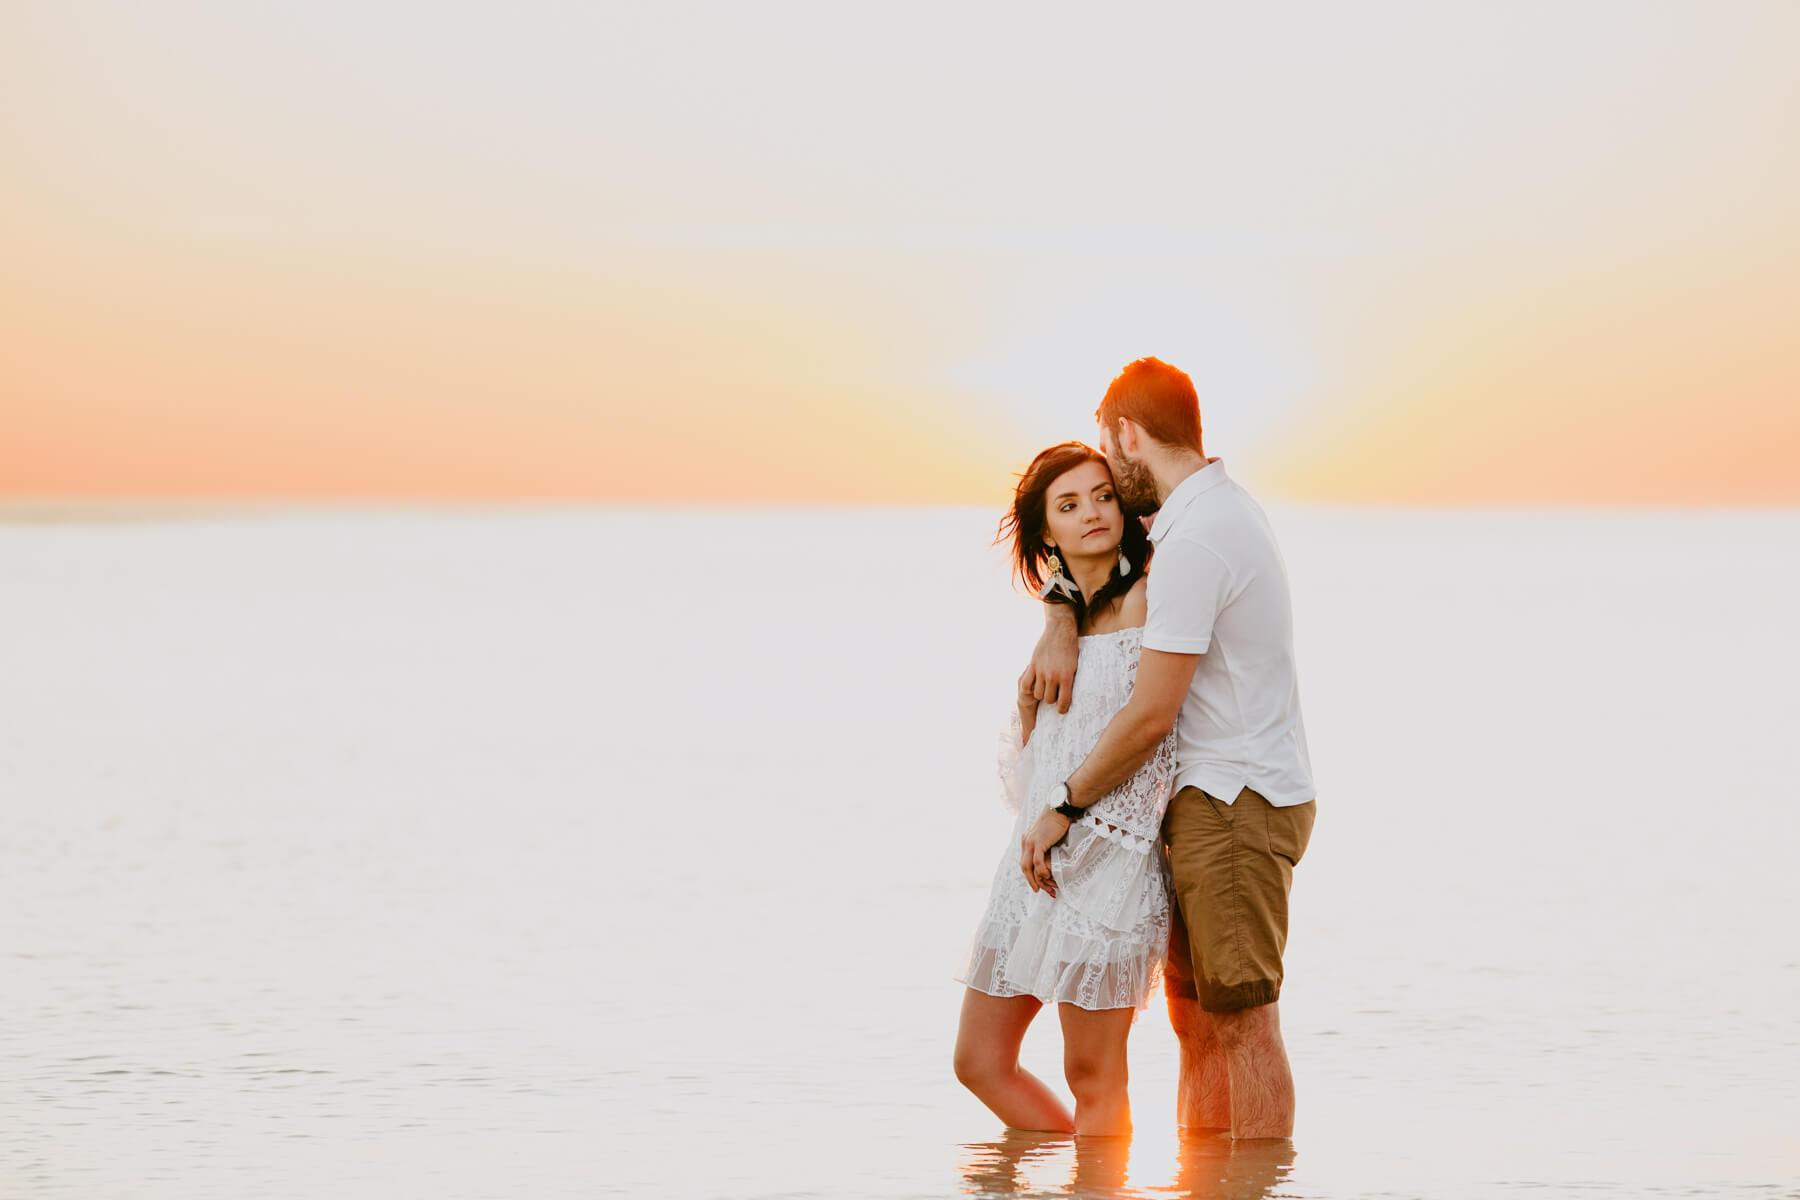 chłopak obejmujący dziewczynę na plaży